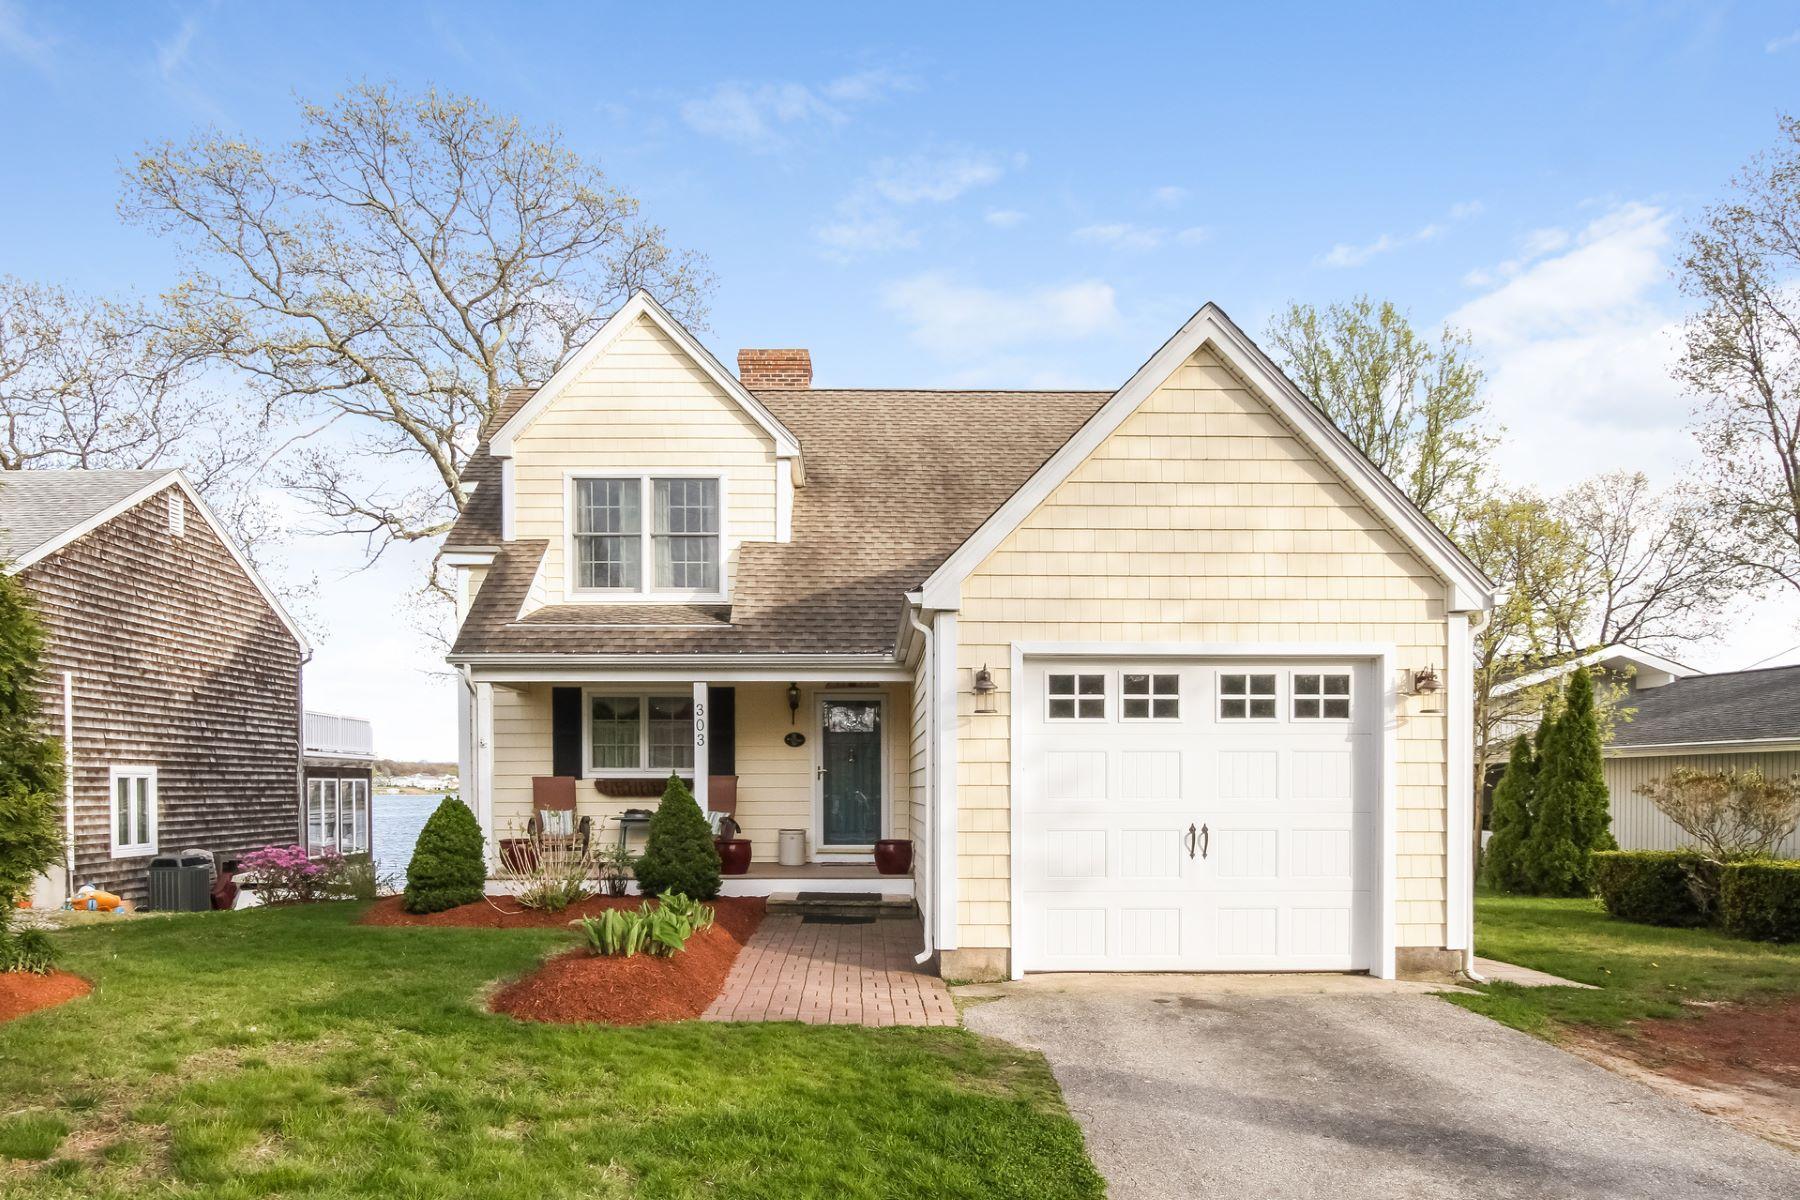 独户住宅 为 销售 在 Waterfront Gem 303 Millstone Rd 沃特福德, 康涅狄格州, 06385 美国